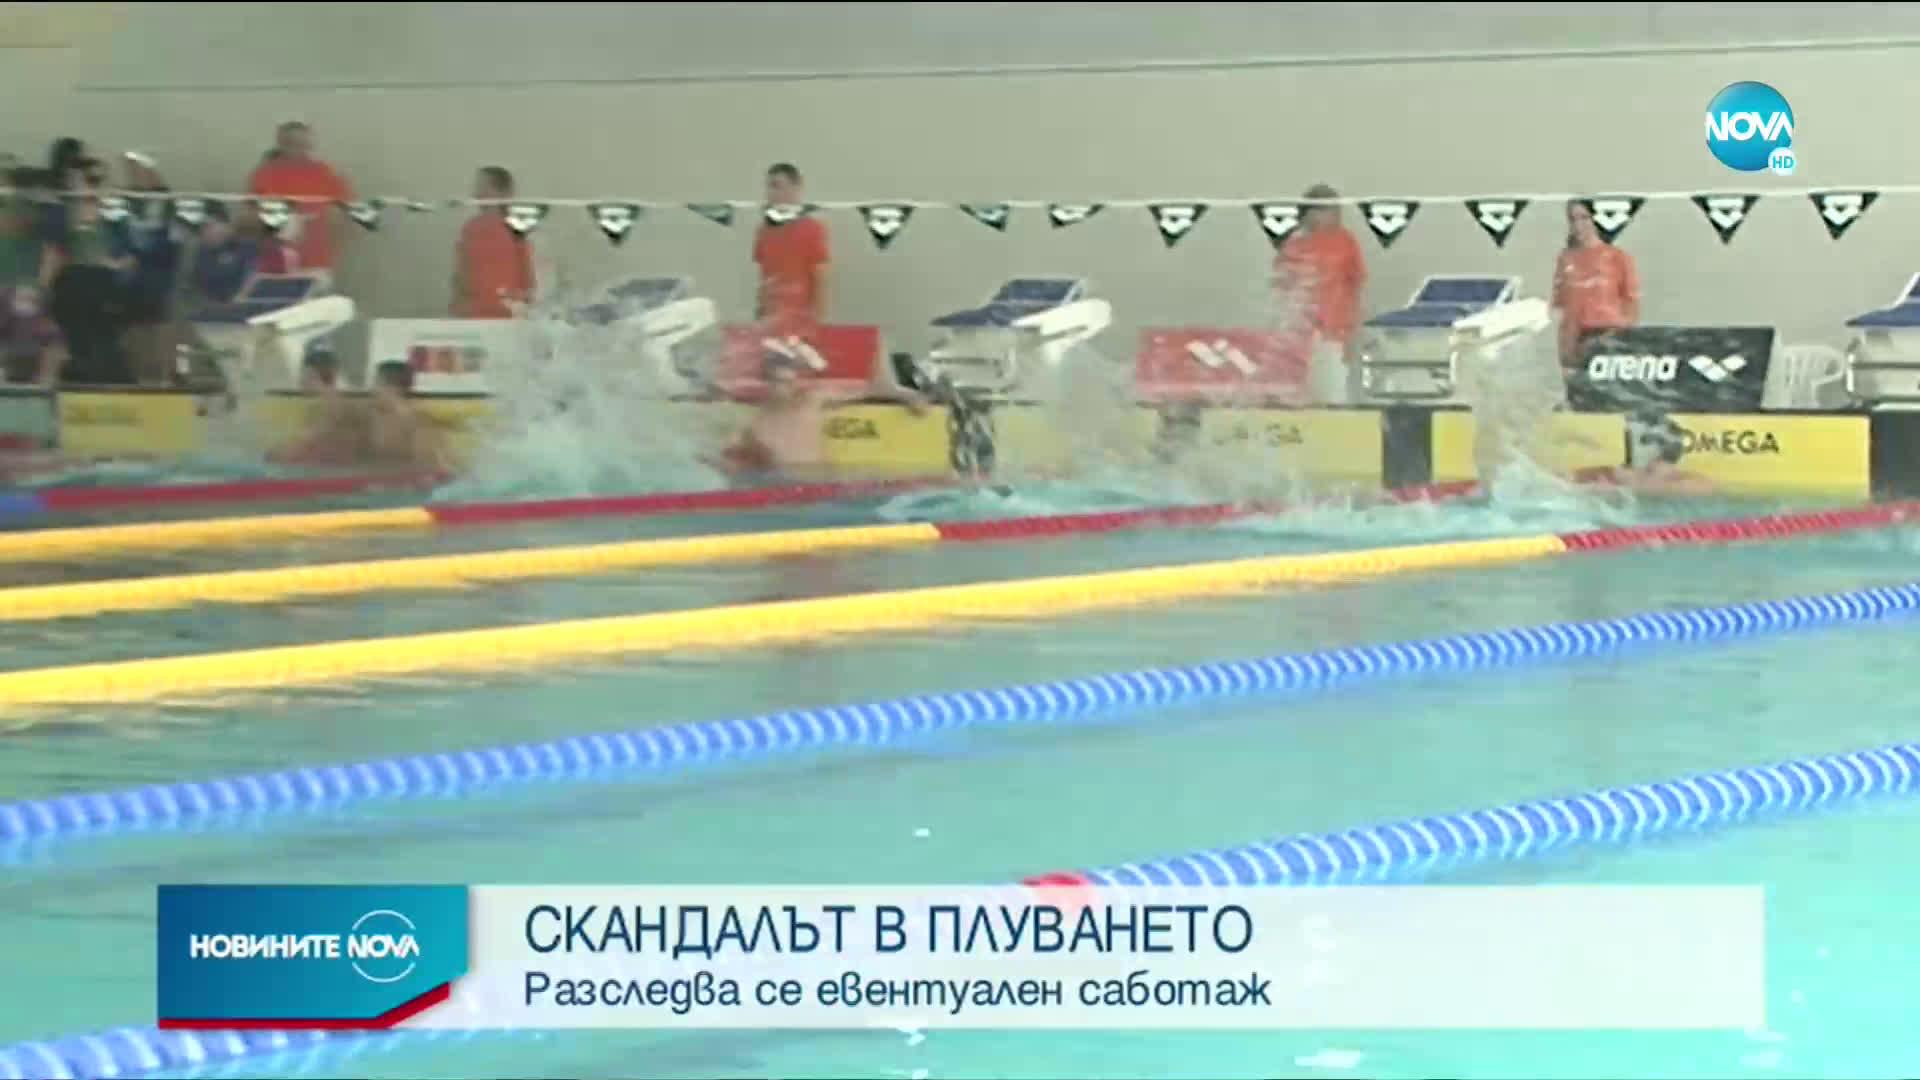 СЛЕД ДОПИНГ СКАНДАЛА: Федерацията по плуване заподозря саботаж